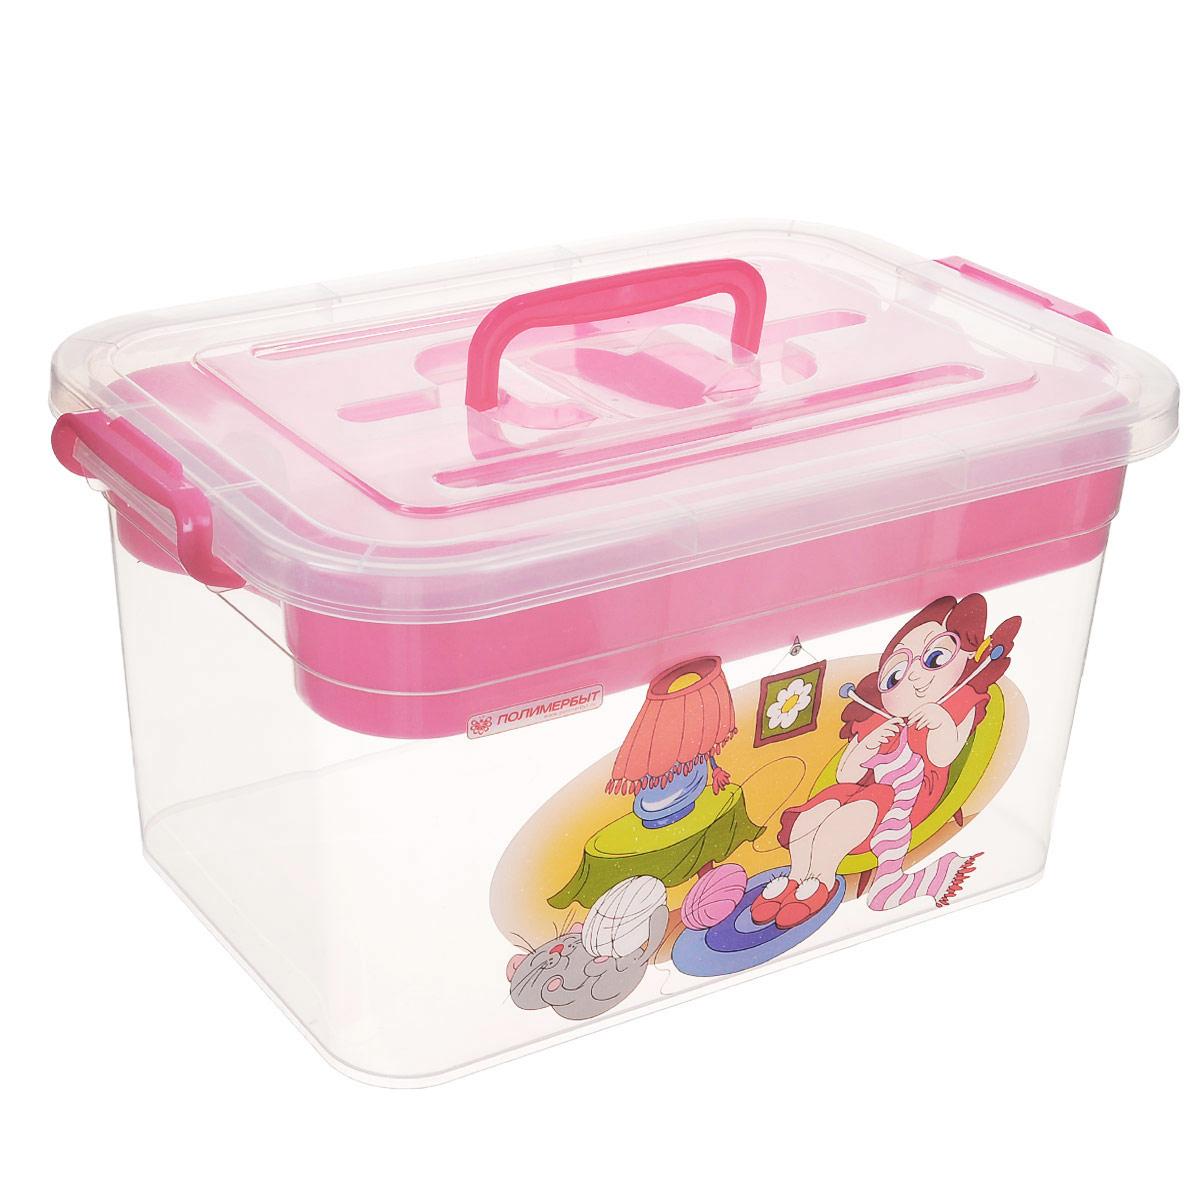 Контейнер для хранения Полимербыт Рукоделие, с вкладышем, цвет: прозрачный, розовый, 10 лС81002_вязаниеКонтейнер Полимербыт Рукоделие выполнен из прочного пластика и предназначен для хранения предметов рукоделия. Внутри имеется съемный пластиковый лоток с пятью секциями разной формы и размера для хранения мелких принадлежностей. Закрывается контейнер при помощи крепких защелок по бокам, которые не допускают случайного открывания. Для удобства эксплуатации на крышке есть ручка. Контейнер поможет хранить все в одном месте, а также защитить вещи от пыли, грязи и влаги.Размер вкладыша: 30,4 см х 20 см х 6 см. Размер самого большой секции вкладыша: 20 см х 9,8 см х 4 см. Размер самого маленькой секции вкладыша: 9,8 см х 9,8 см х 4 см.